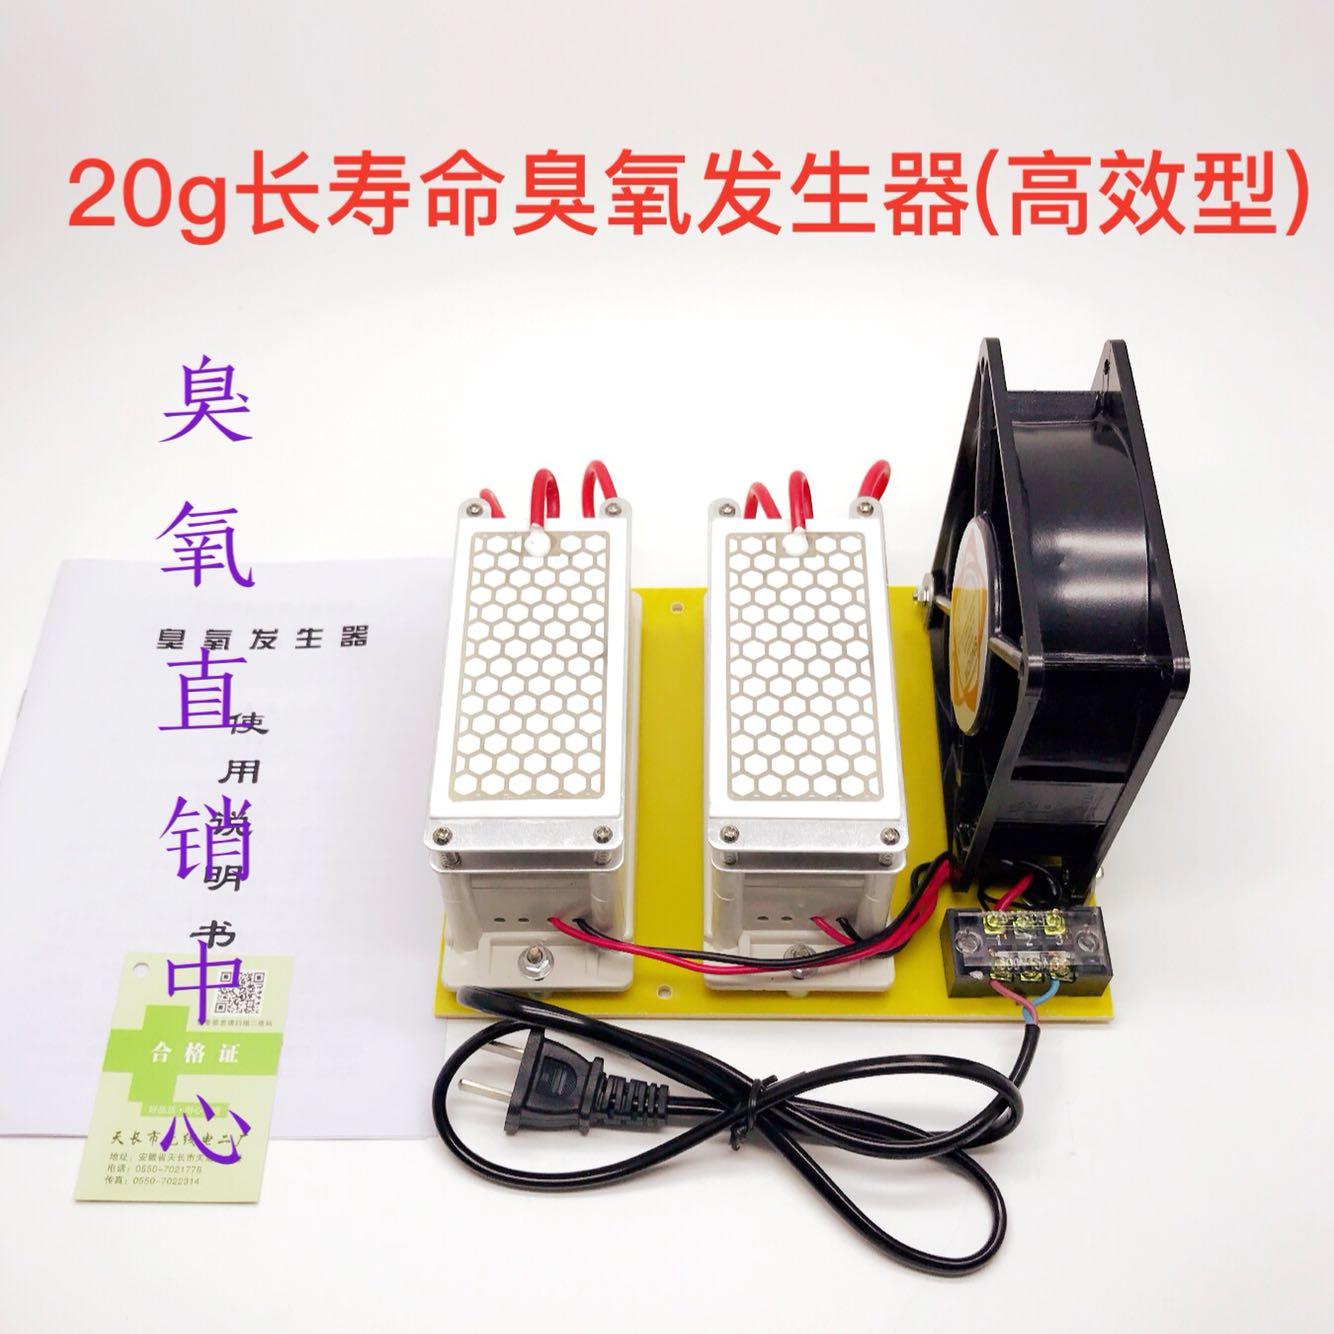 20G Ozone Generator (long-life Type) Ozone Disinfector20G Ozone Generator (long-life Type) Ozone Disinfector